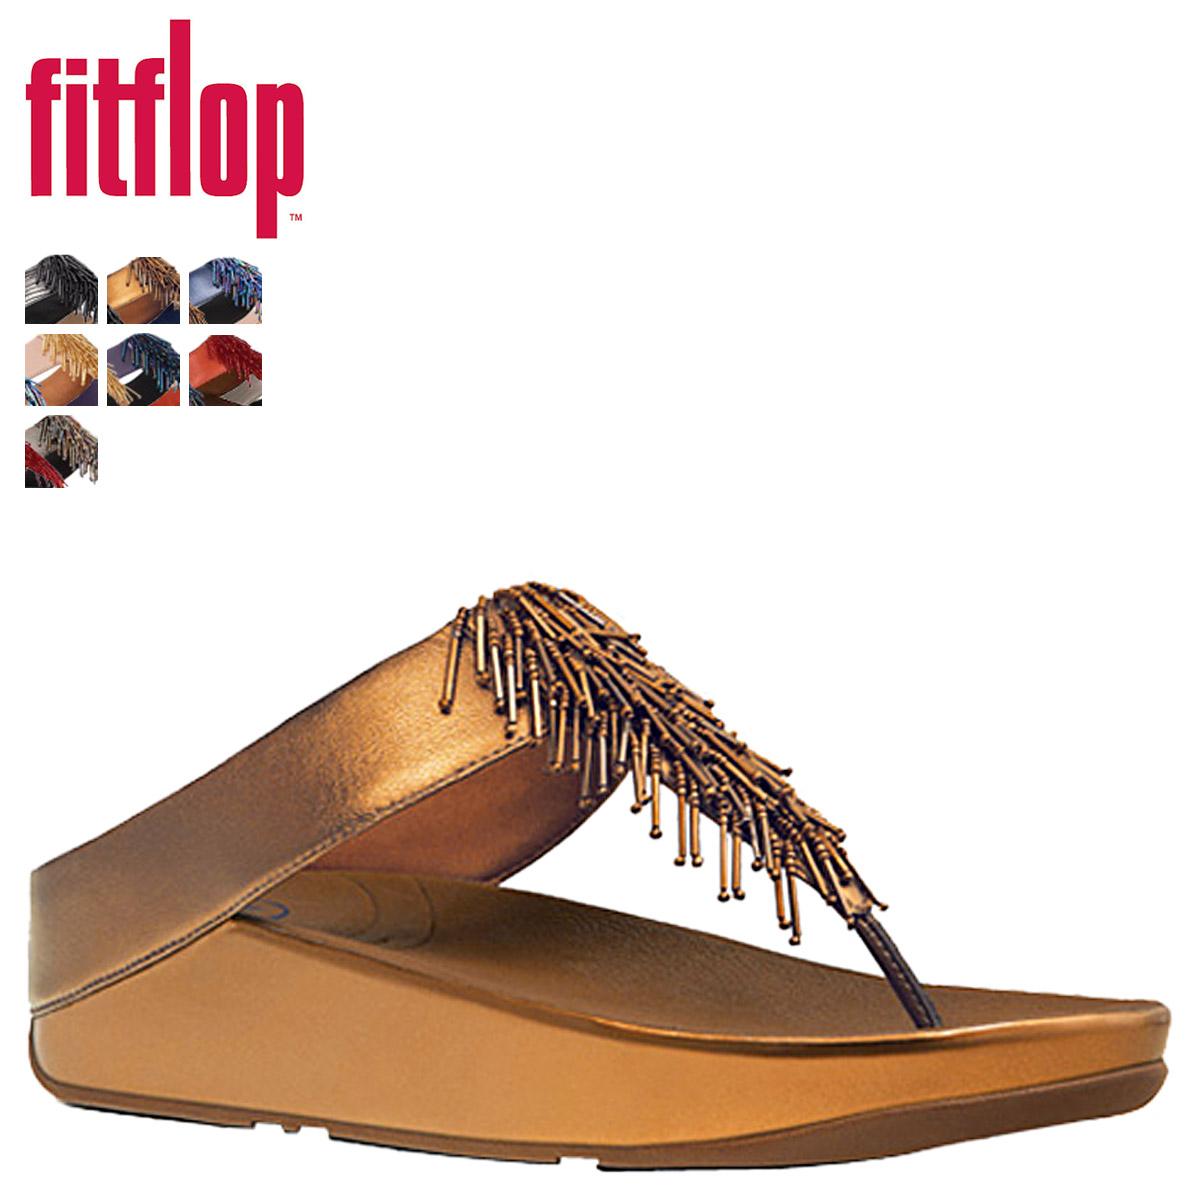 两次点 [预购项目» «5/12 时一些股票» 适应败笔 FitFlop 妇女恰恰凉鞋 CHA CHA 专利皮革皮带凉鞋 336 5 色 [5/12 其他股票] [定期]